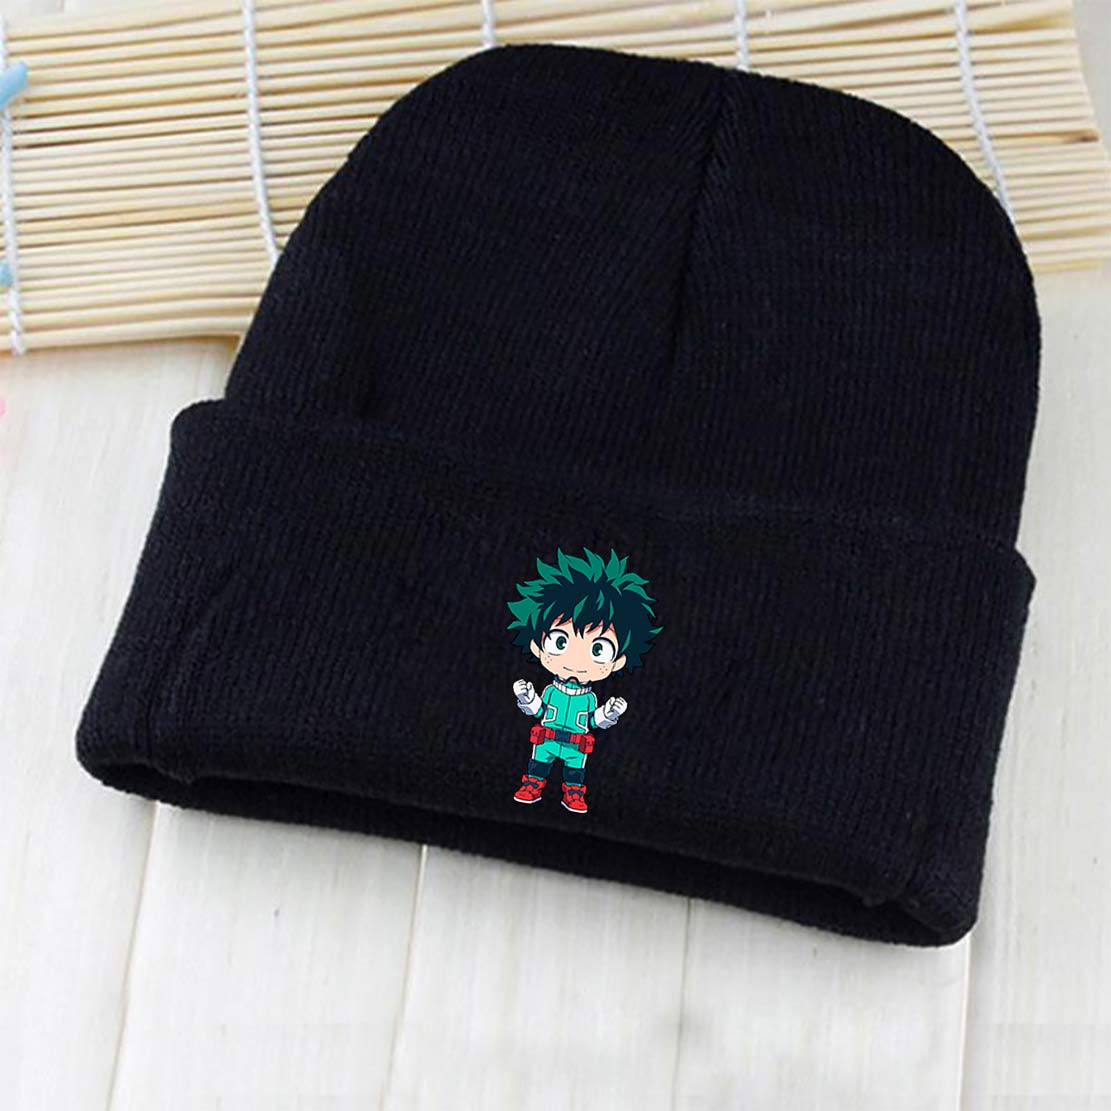 292570c6cdb My Hero Academia Izuku Midoriya Katsuki Bakugou All Might Shoto Todoroki  Tsuyu Asui Skullies Beanie Knitted Hat Cap Costume Gift-in Boys Costume  Accessories ...